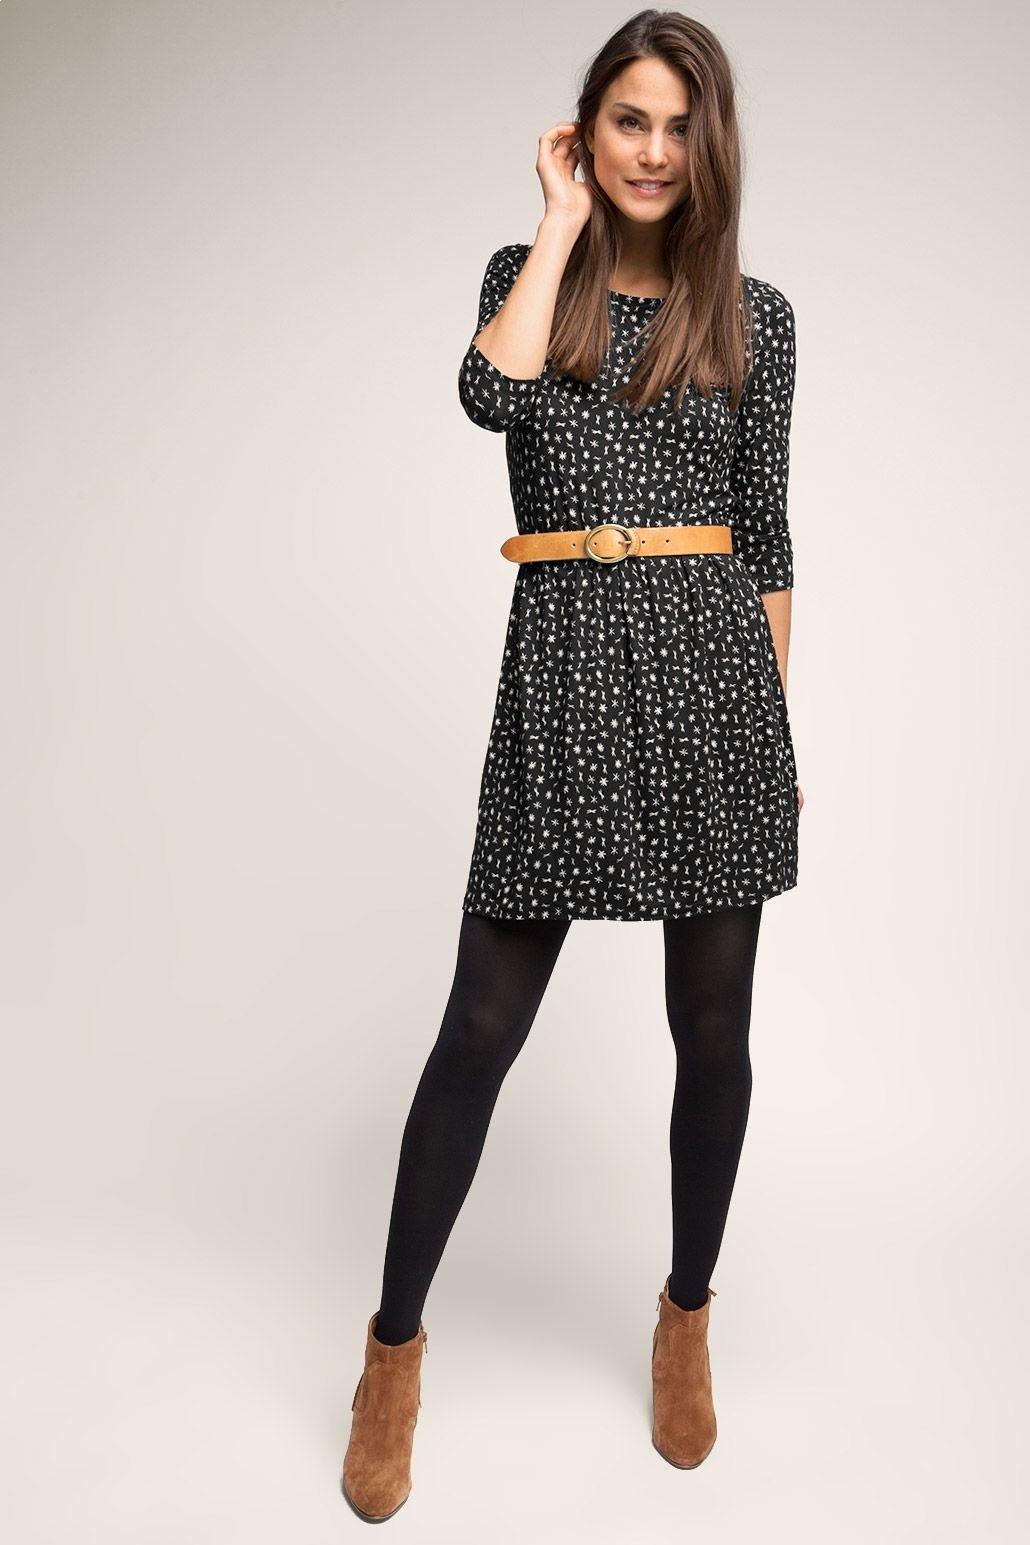 Abend Großartig Online Kleider Shop Vertrieb15 Ausgezeichnet Online Kleider Shop Vertrieb